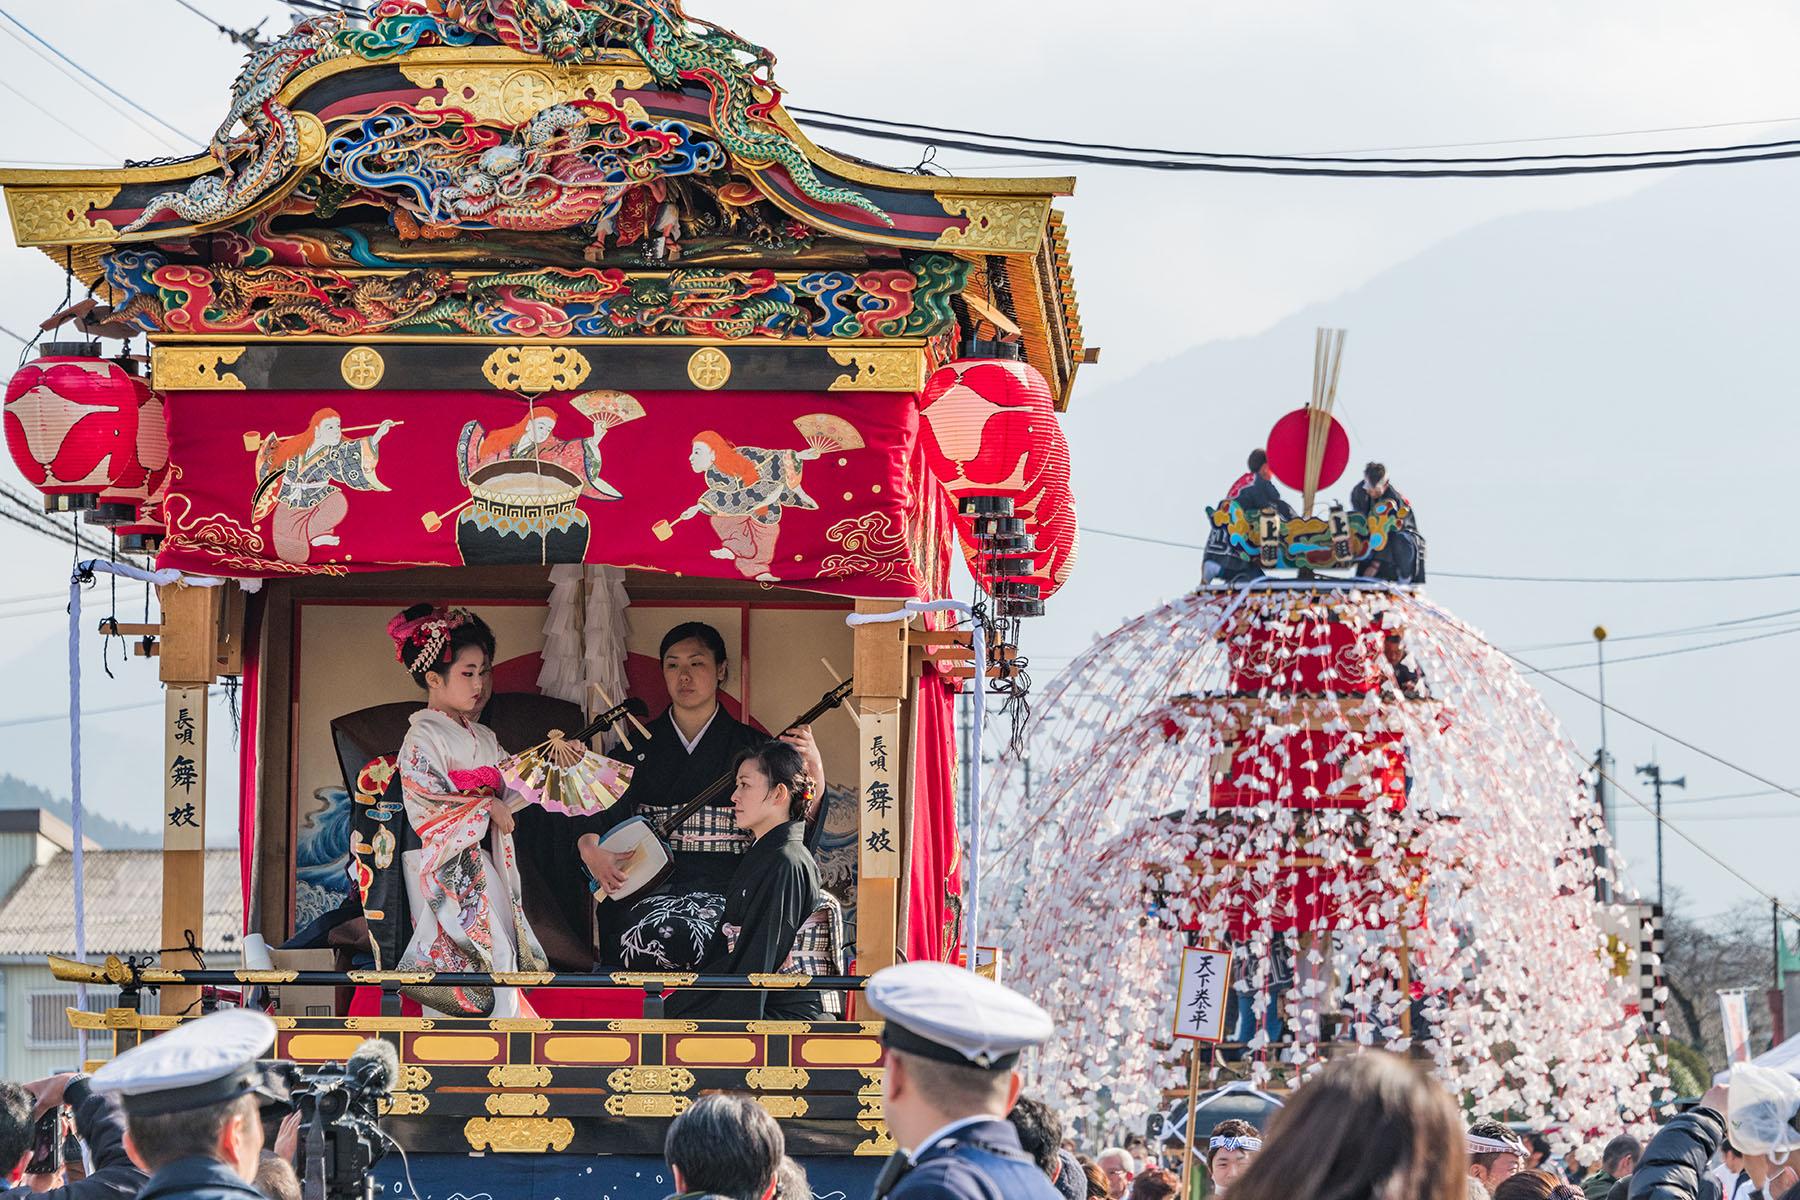 山田の春祭り 恒持神社